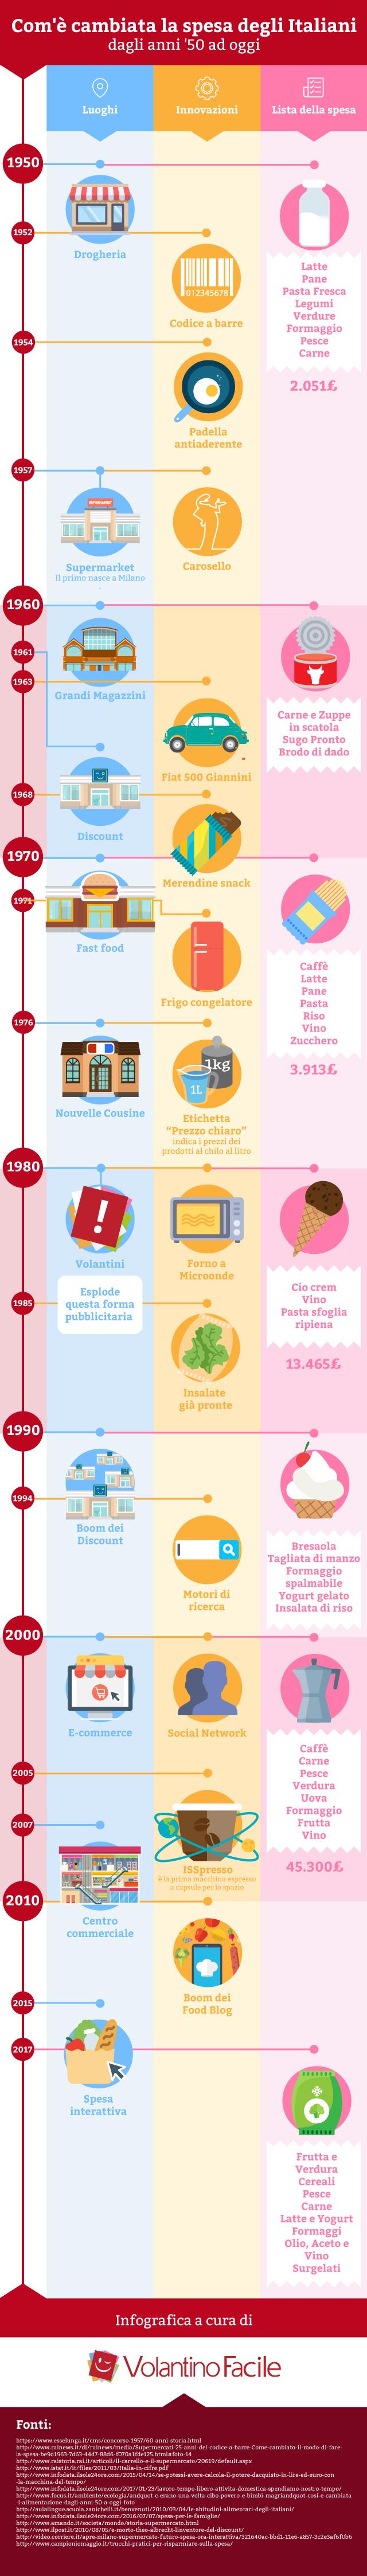 http://www.volantinofacile.it/vf/img/infografica/infografica-spesa.jpg